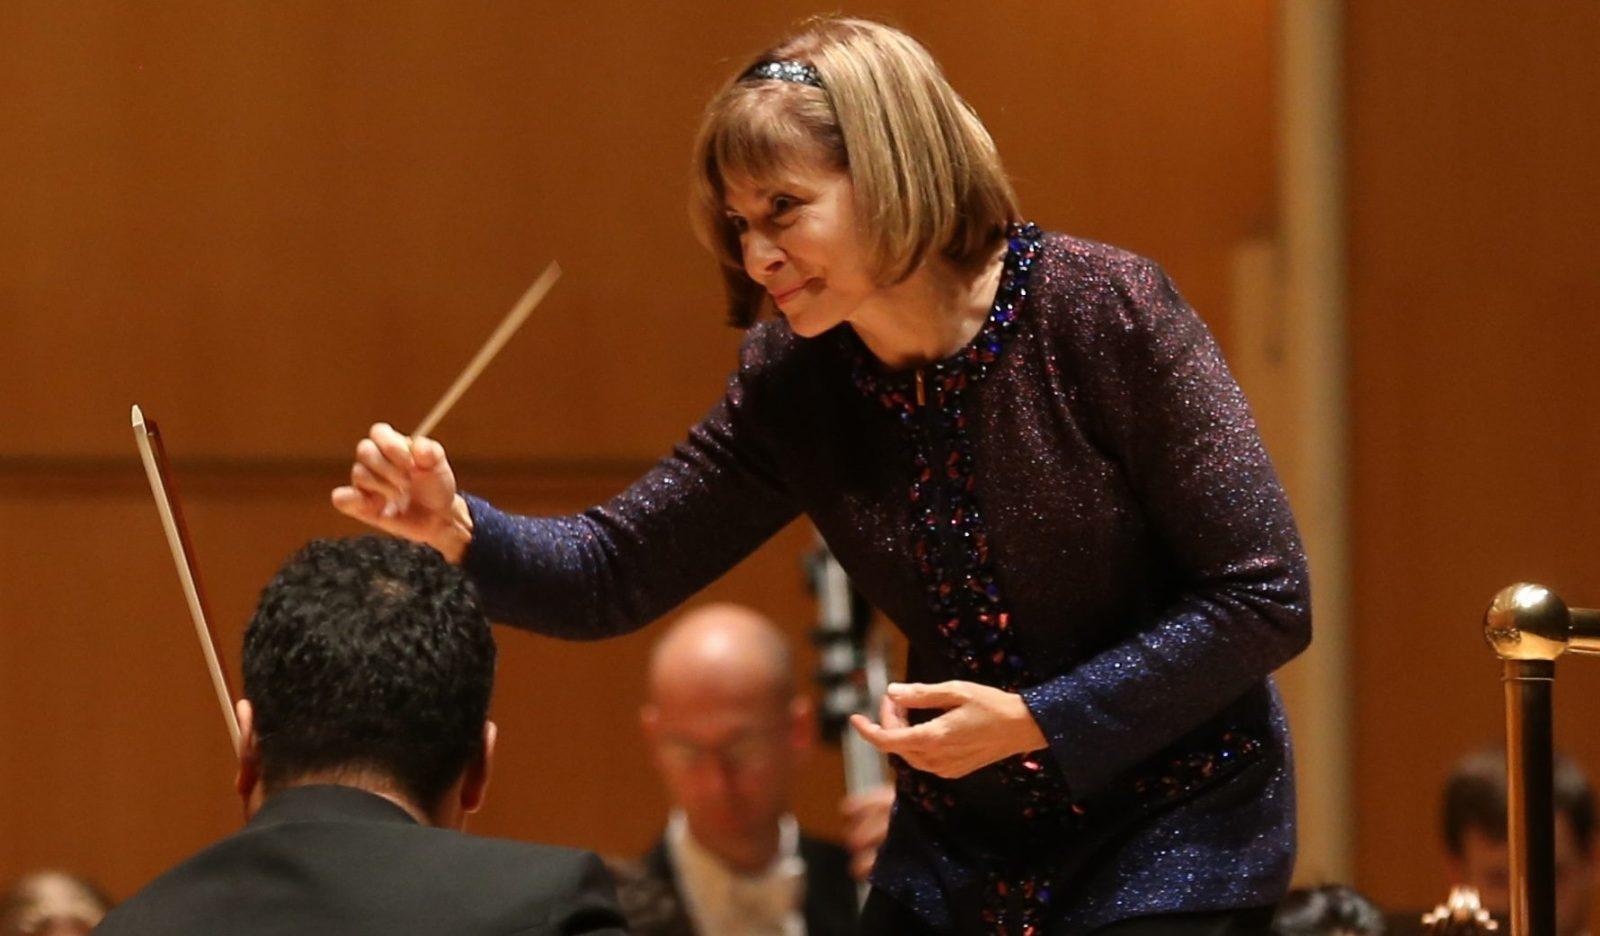 JoAnn Falletta, music director of the BPO since 1999. (Sharon Cantillon/Buffalo News file photo)